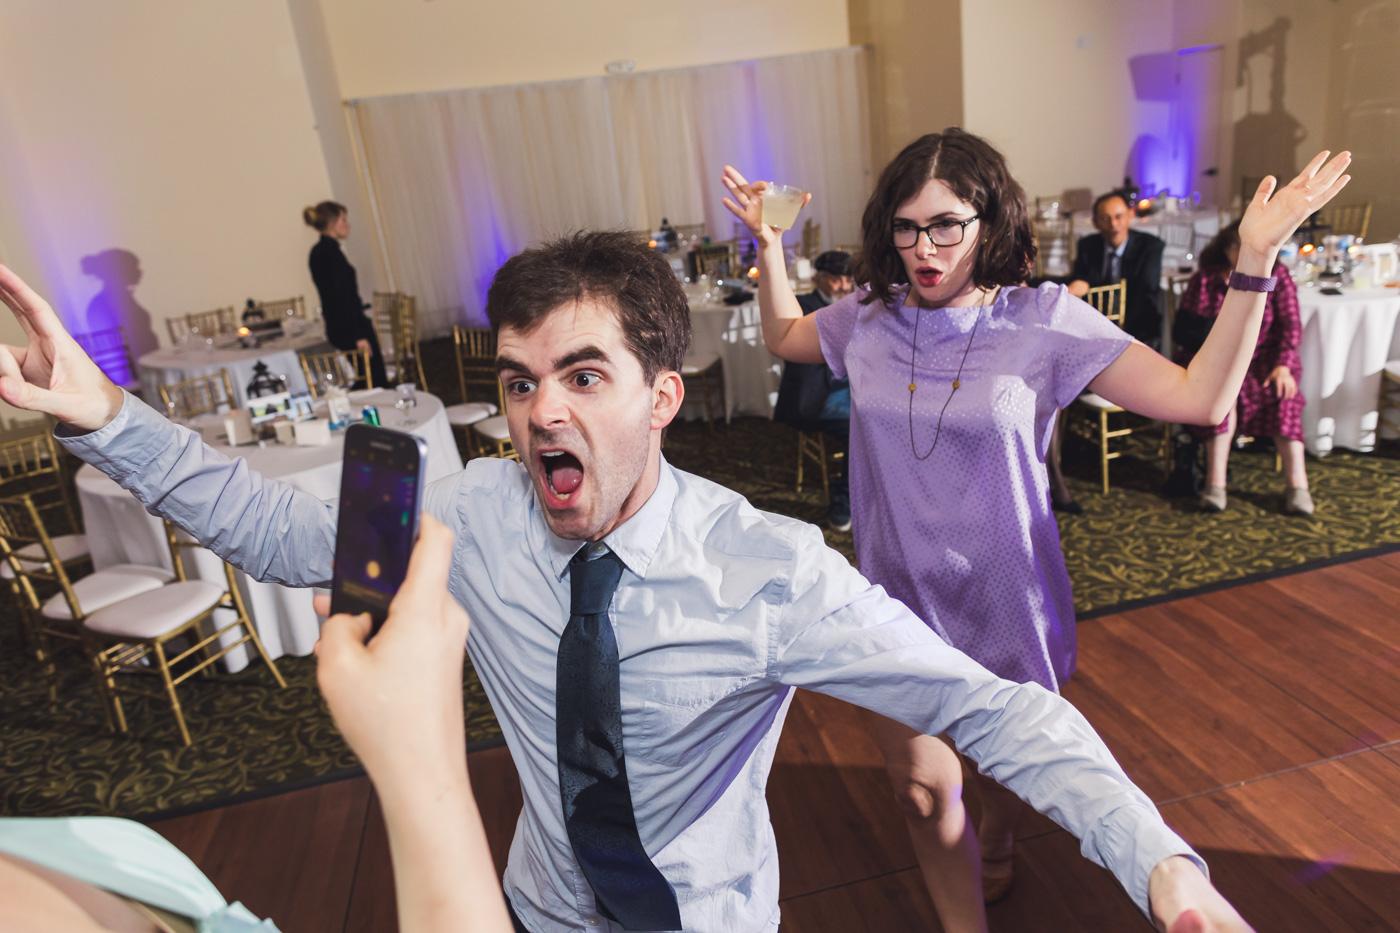 wedding-reception-fun